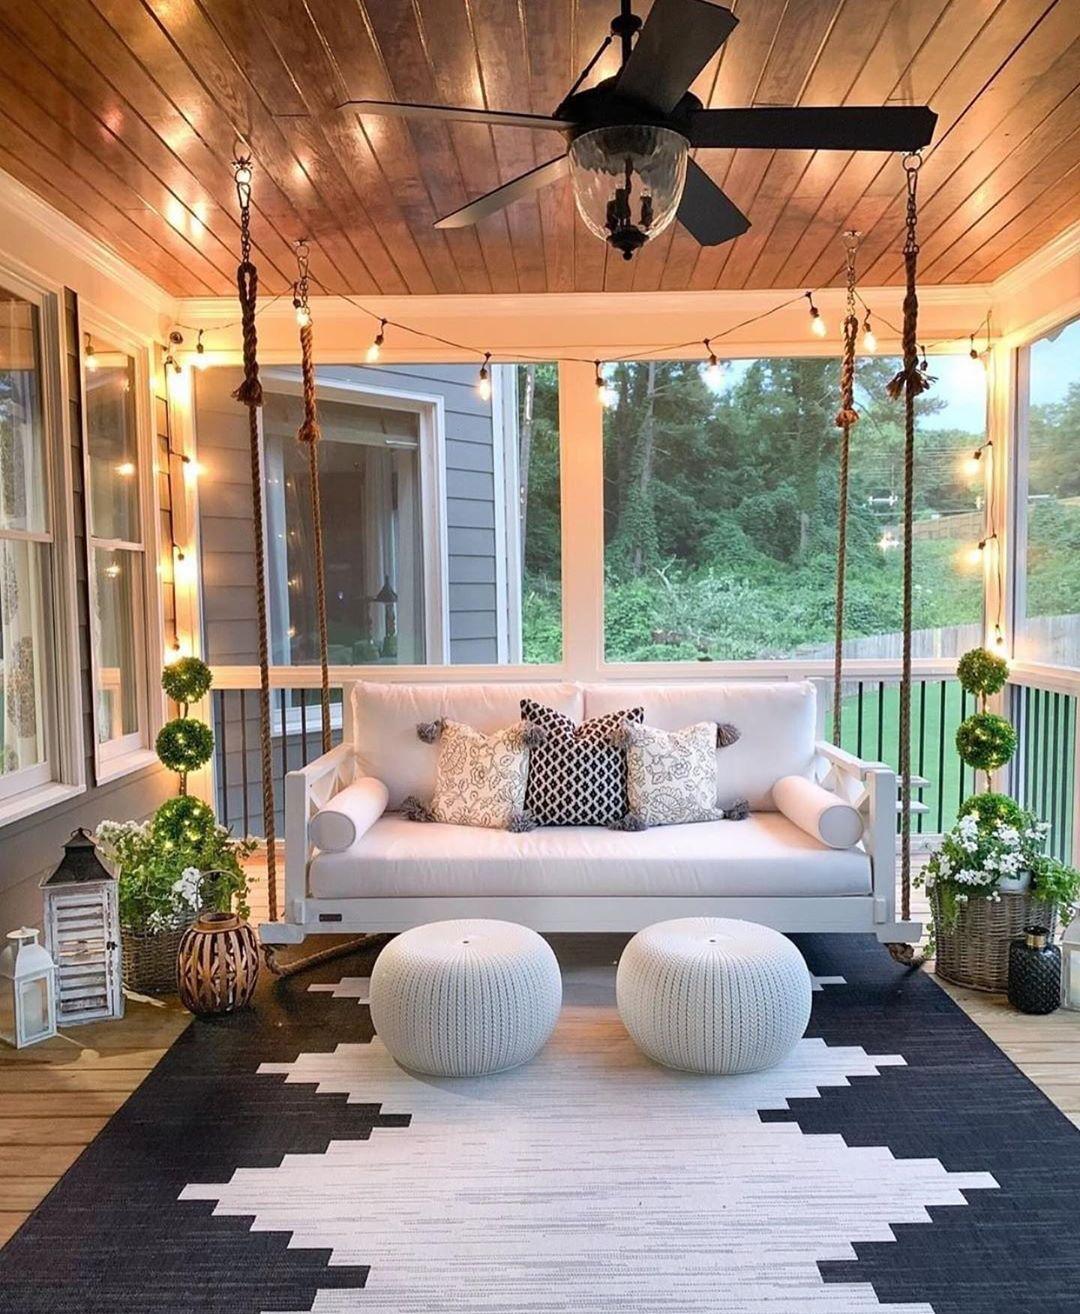 воплотить такую как обустроить террасу в квартире фото диваны оттоманкой